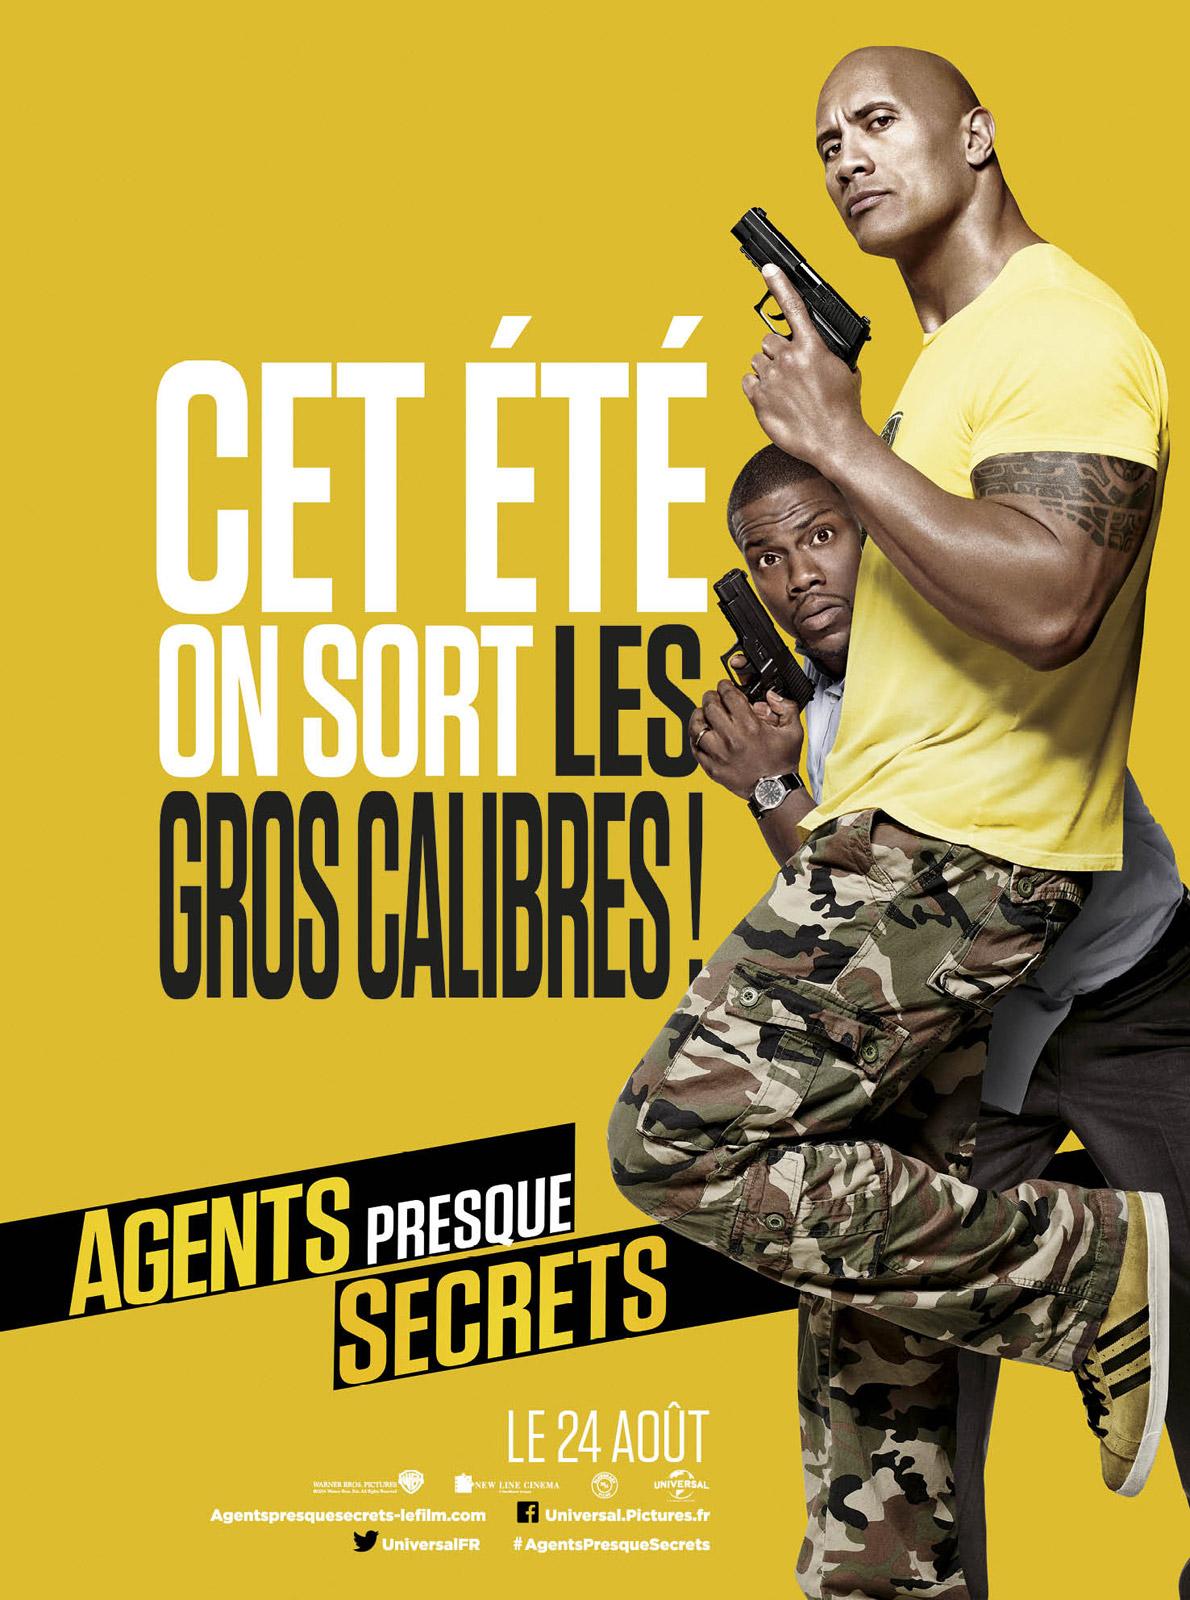 Agents presque secrets ddl